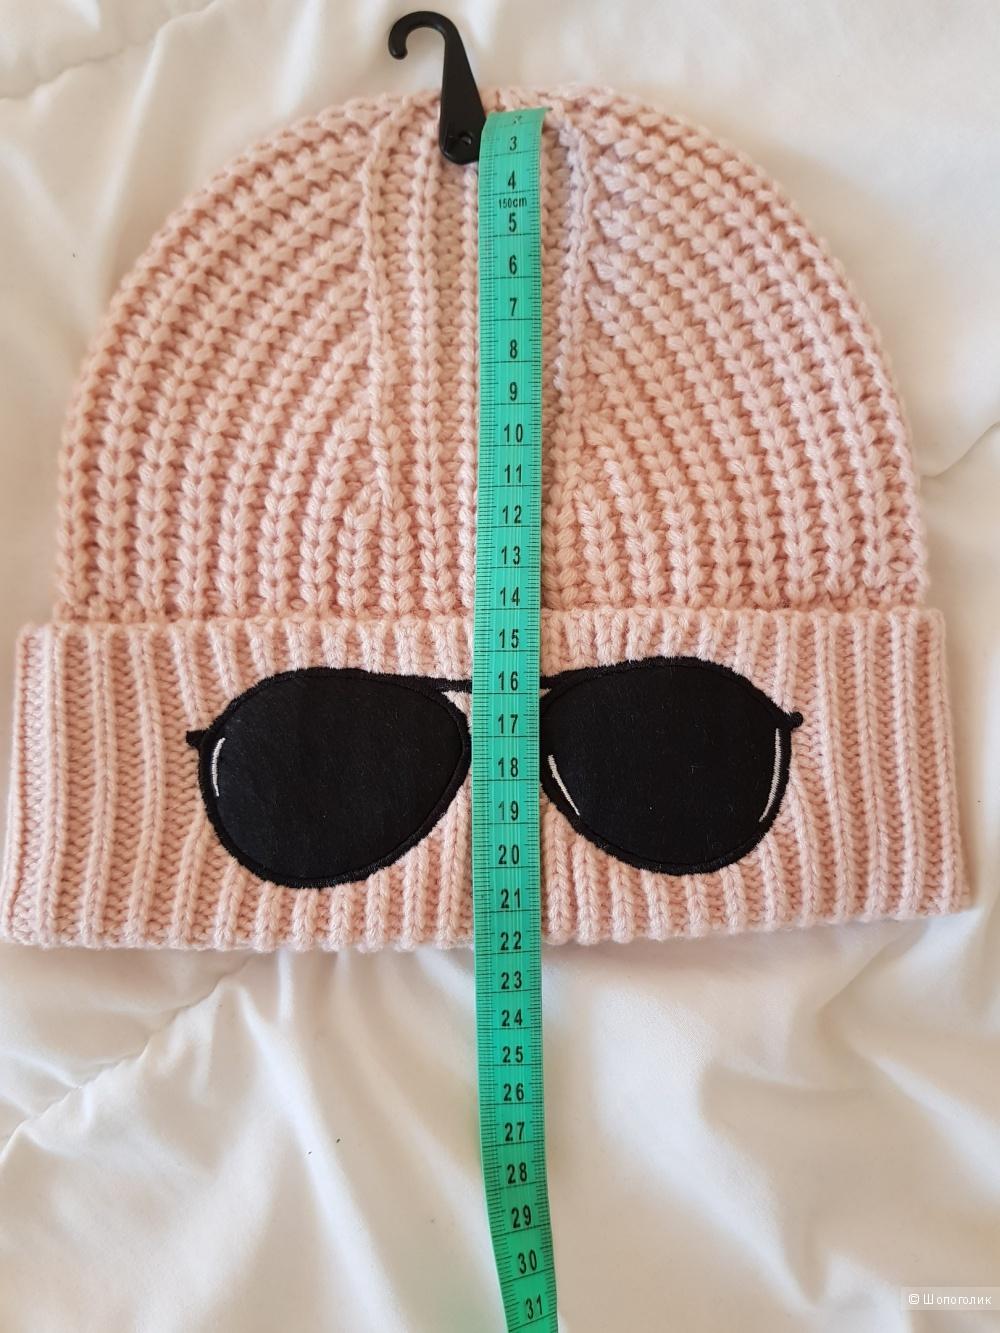 Женская шапка Karl Lagerfeld. Единый размер